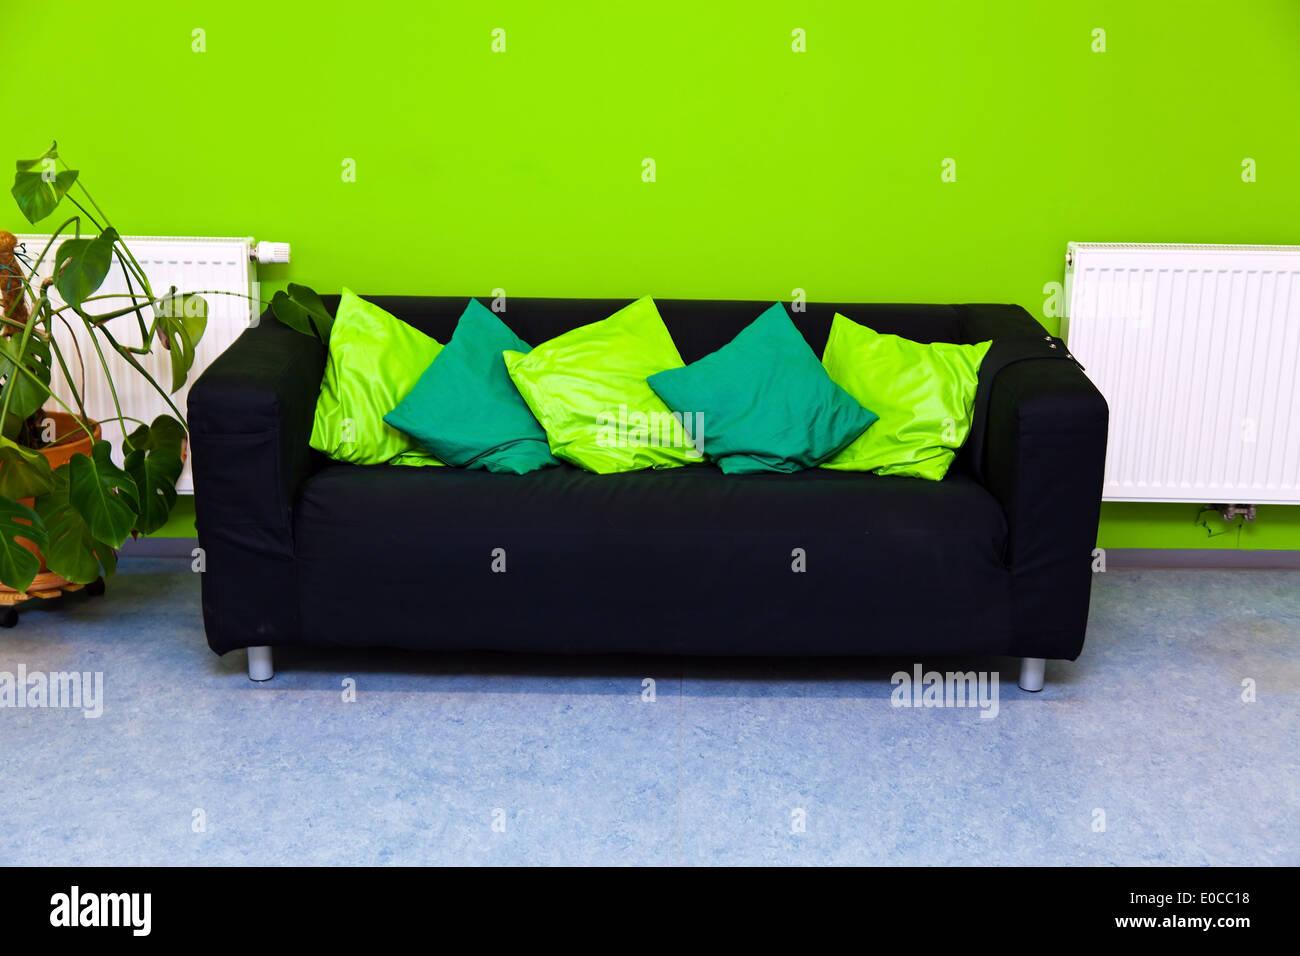 Einem Schwarzen Sofa Im Wohnzimmer Vor Einer Grünen Wand, Eine Schwarzes  Sofa In Einem Wohnzimmer Vor Einer Gruenen Wand